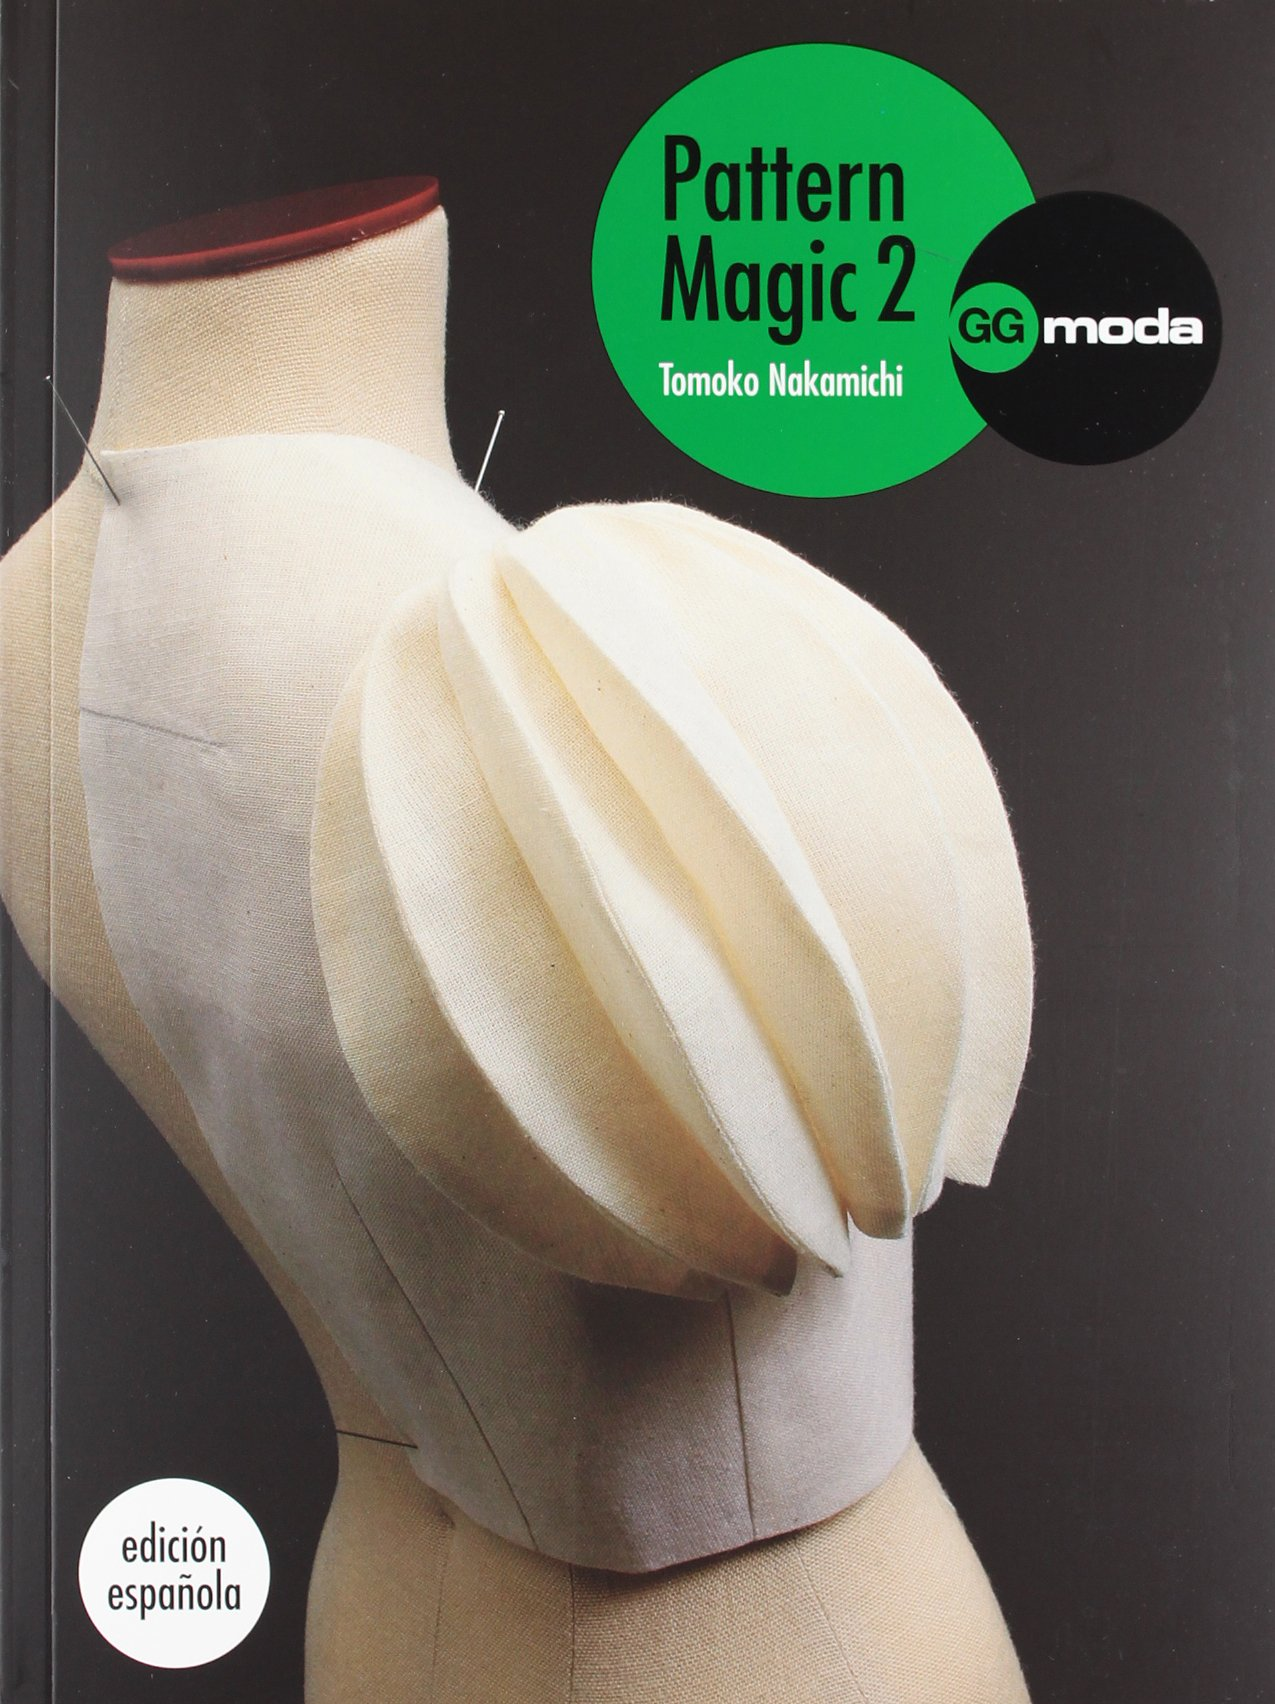 Pattern Magic Vol. 2: La magia del patronaje (GGmoda ...